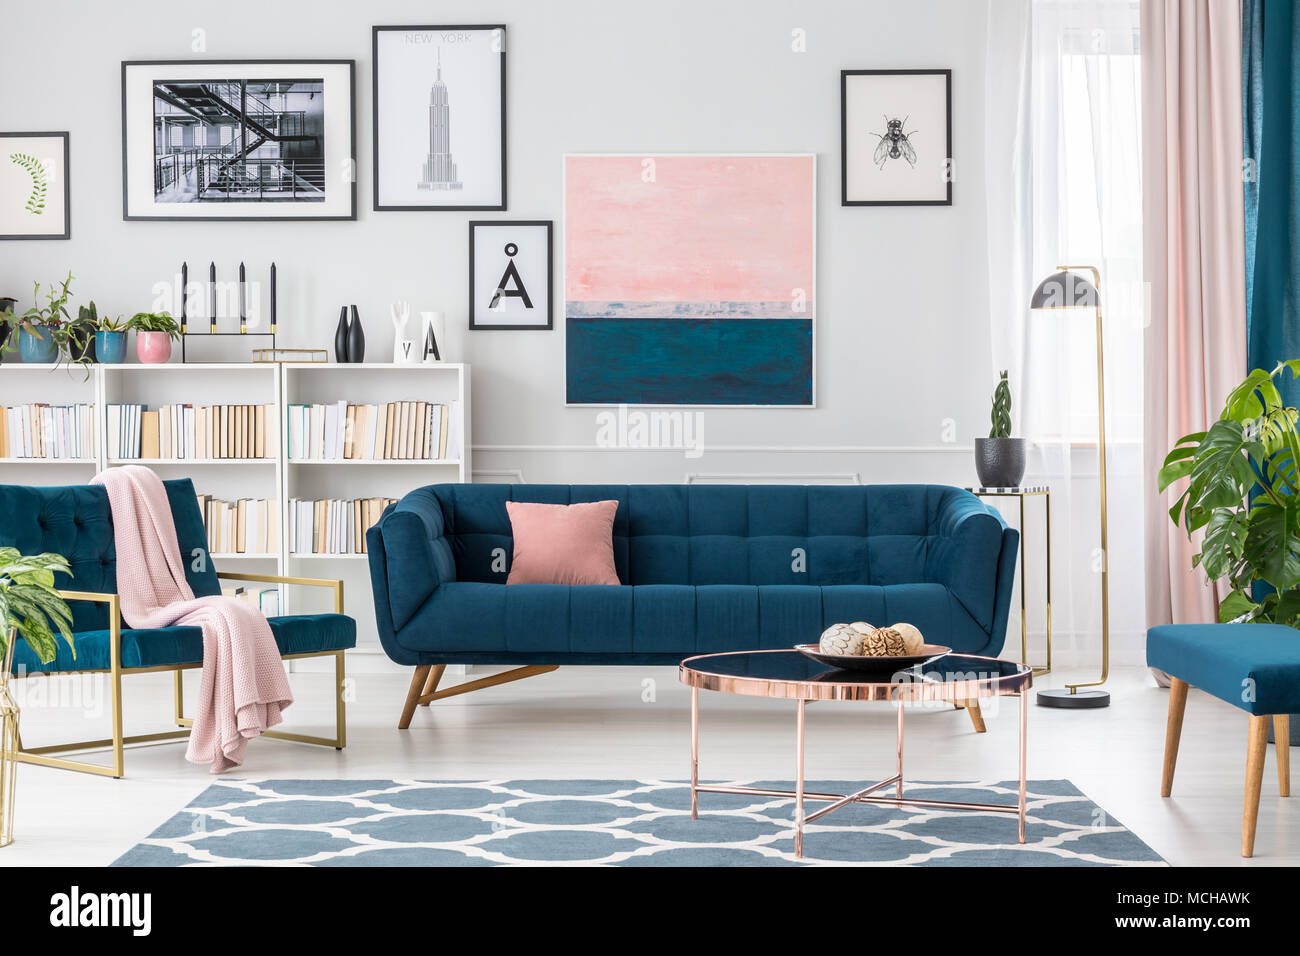 Soggiorno moderno interno con divano blu, tappeto collezione d arte ...